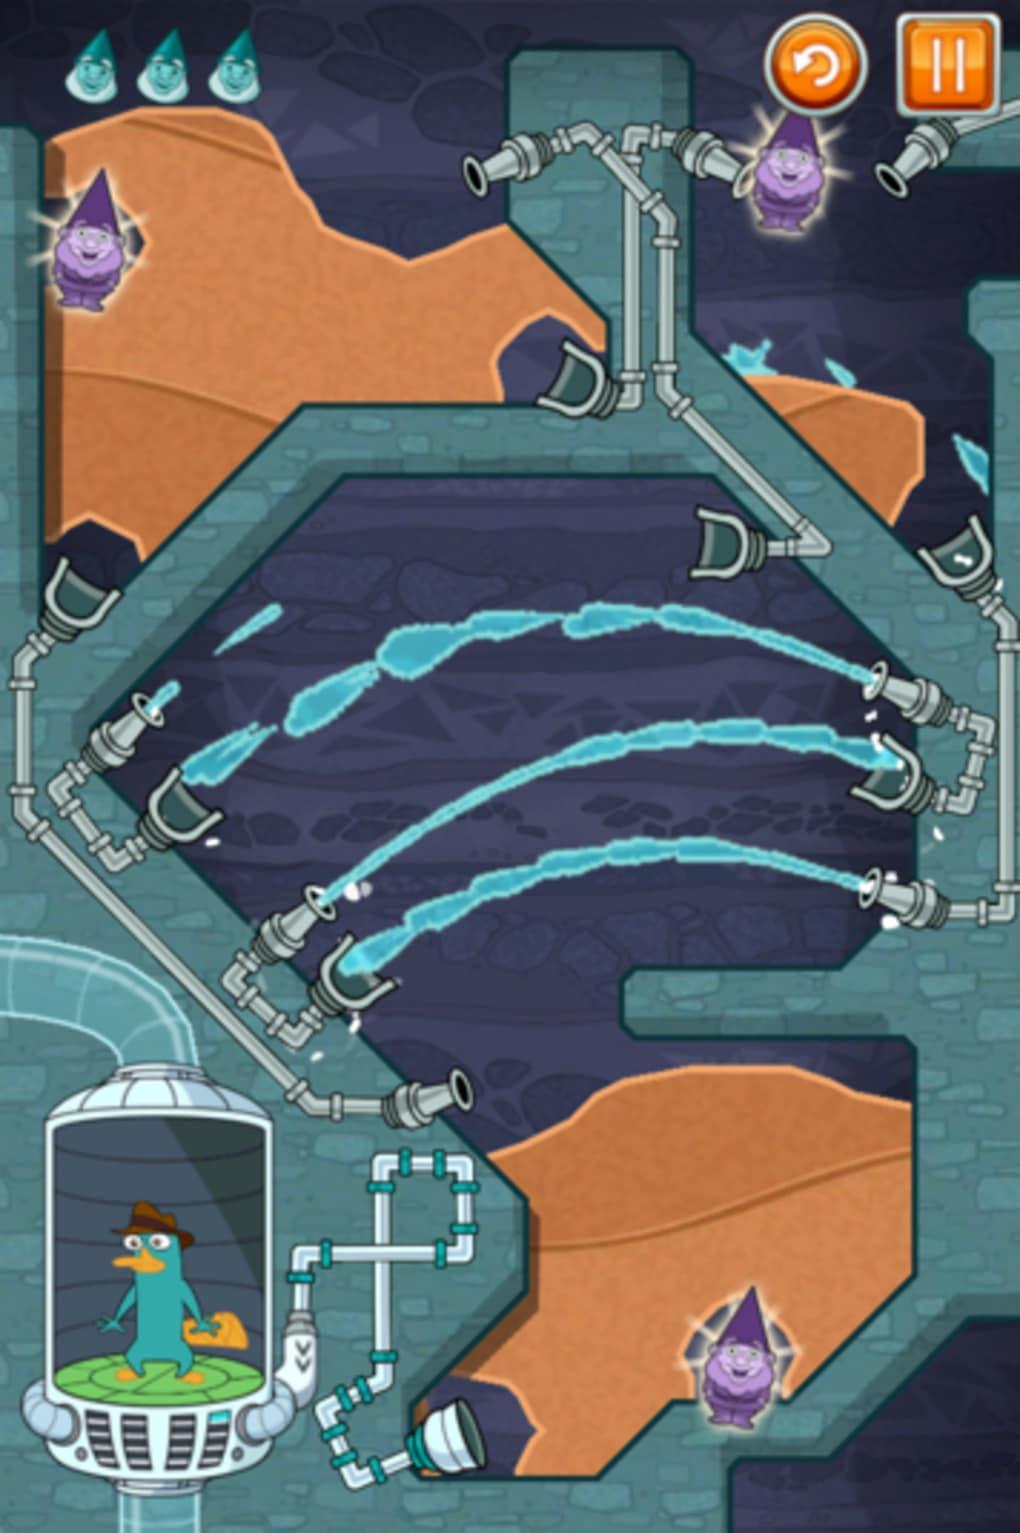 jeu.info-Jeu Mais où est Perry iPad. Une seule solution pour découvrir le jeu Mais où est Perry iPad , un de nos meilleurs Jeux de Réflexion iPad, lis le texte ...